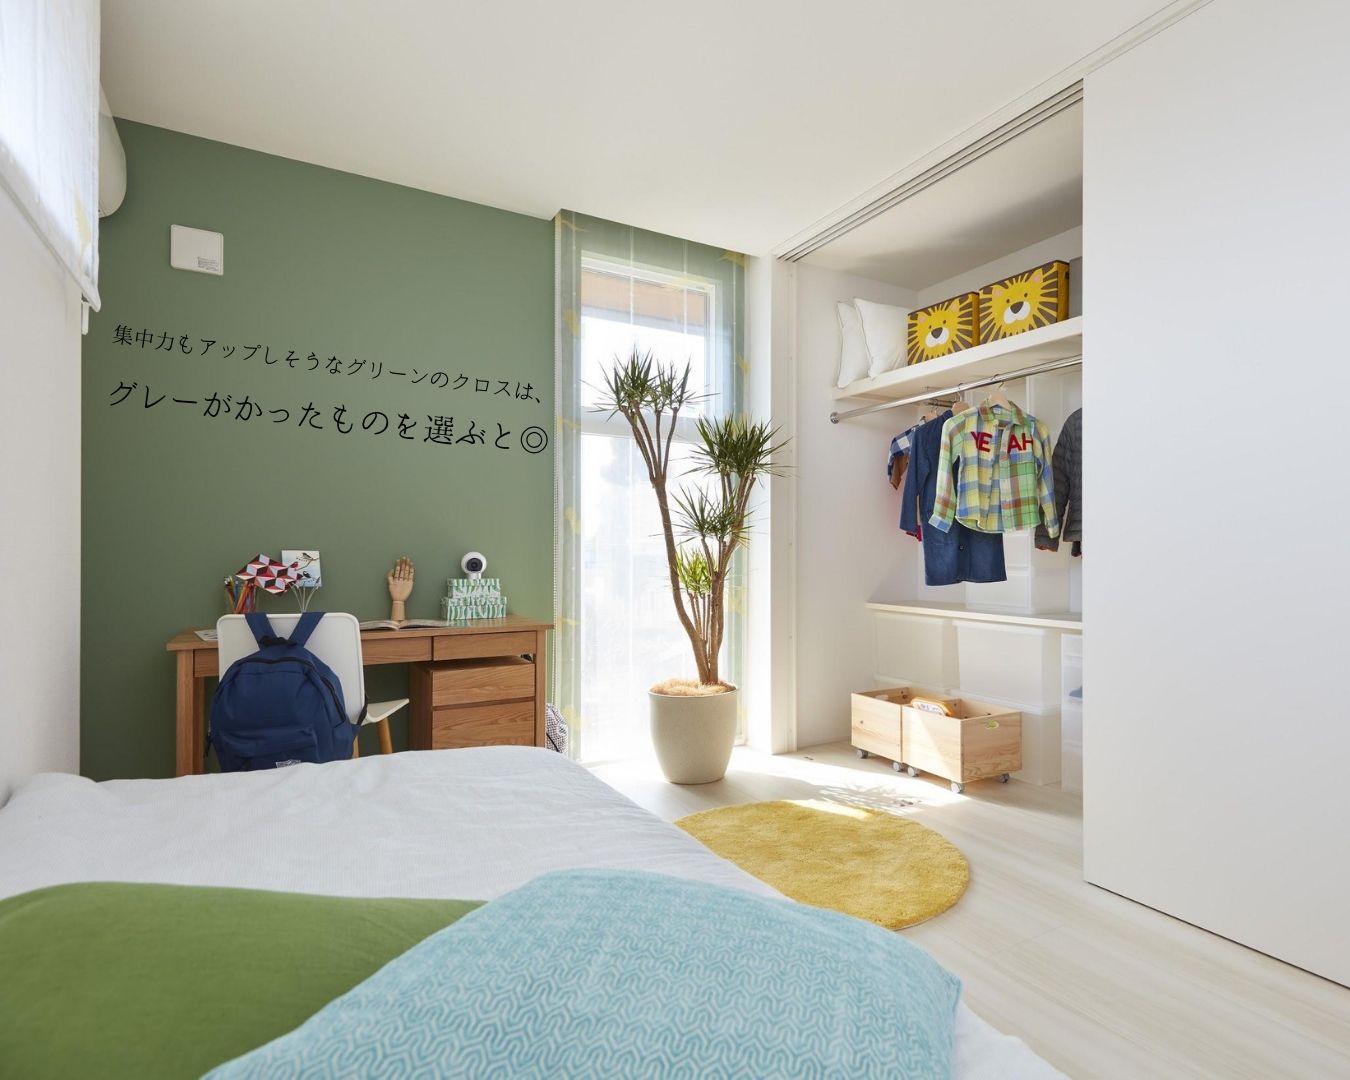 おしゃれ 可愛いがたくさん 子供部屋の壁紙をご紹介 家づくりコラム